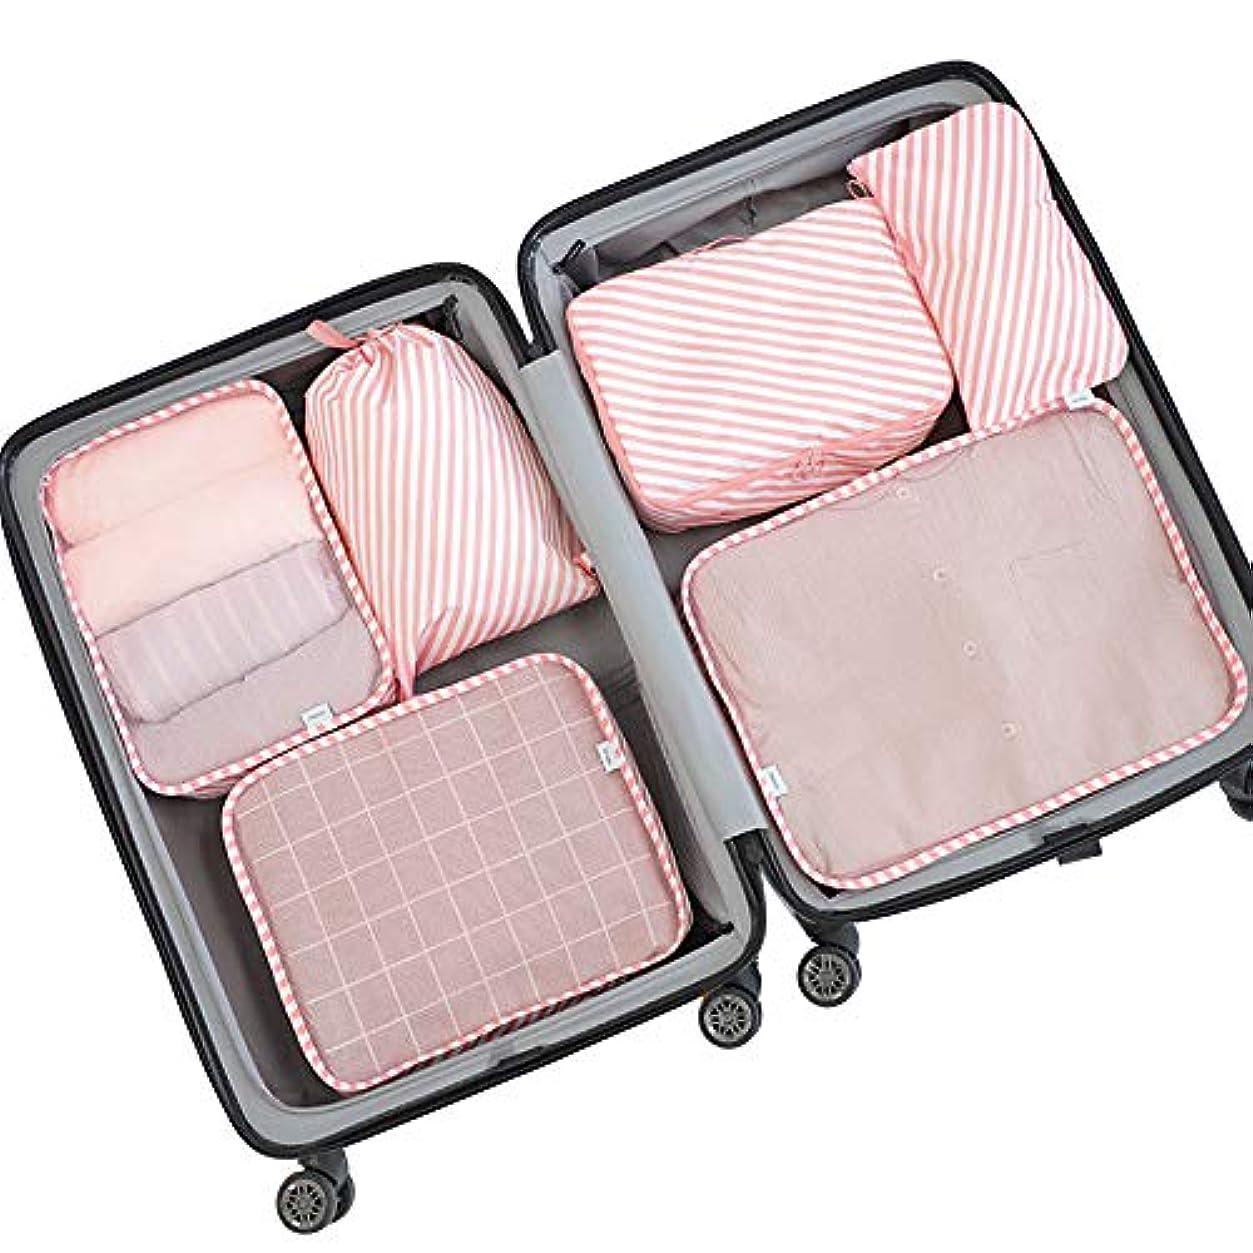 スピーカー肌遊び場トラベルポーチ 6点セット 収納ポーチ 旅行用 衣類 バッグ ケース 化粧ポーチ メンズ 大容量 防水